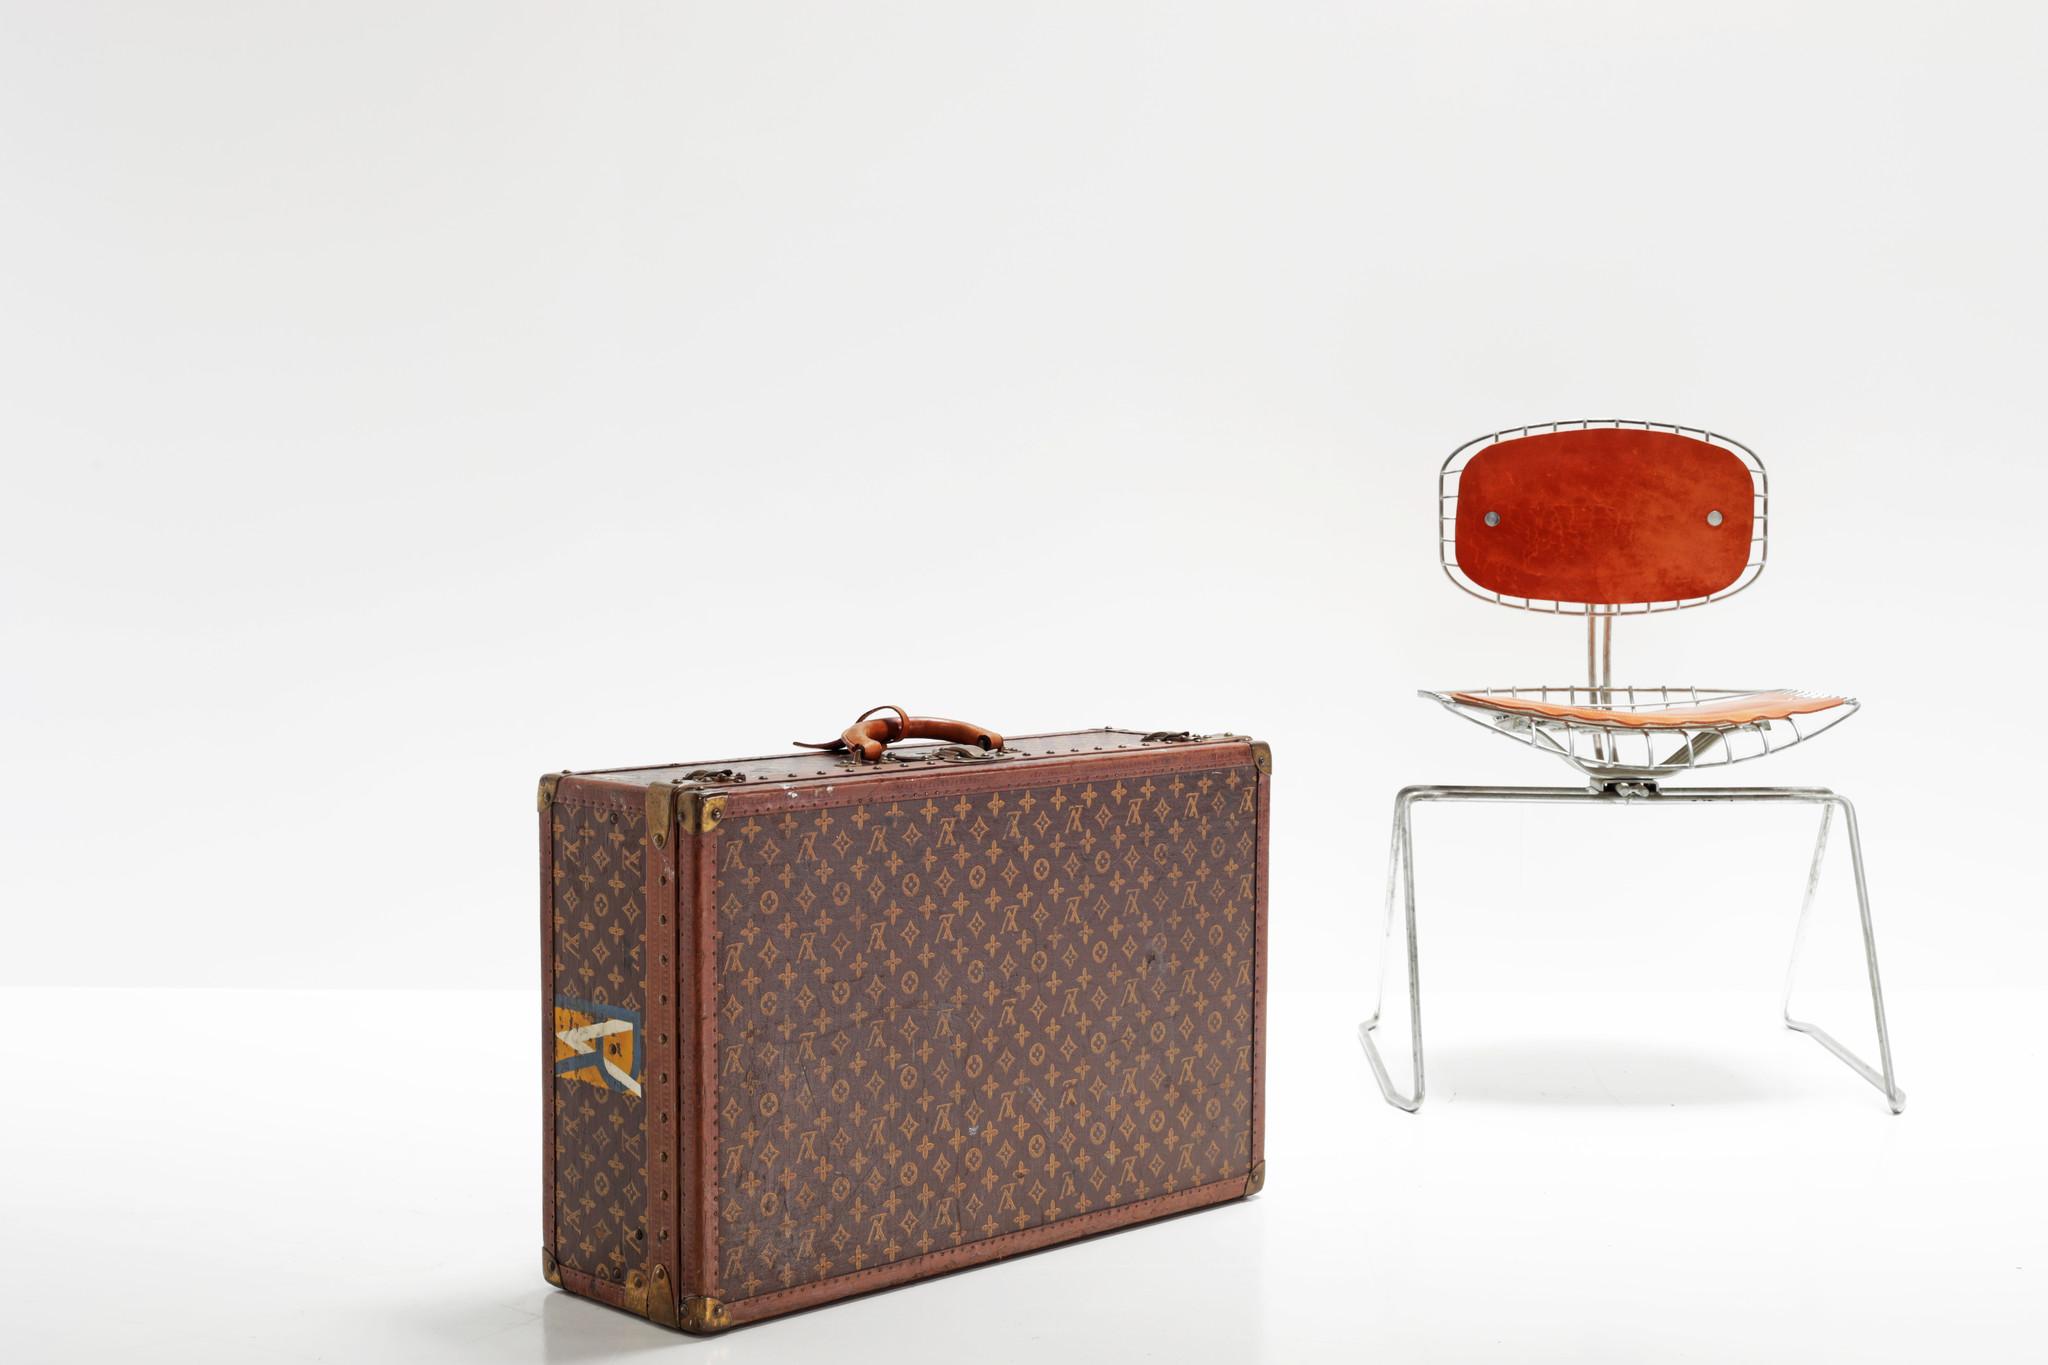 Louis Vuitton suitcase, 1950's